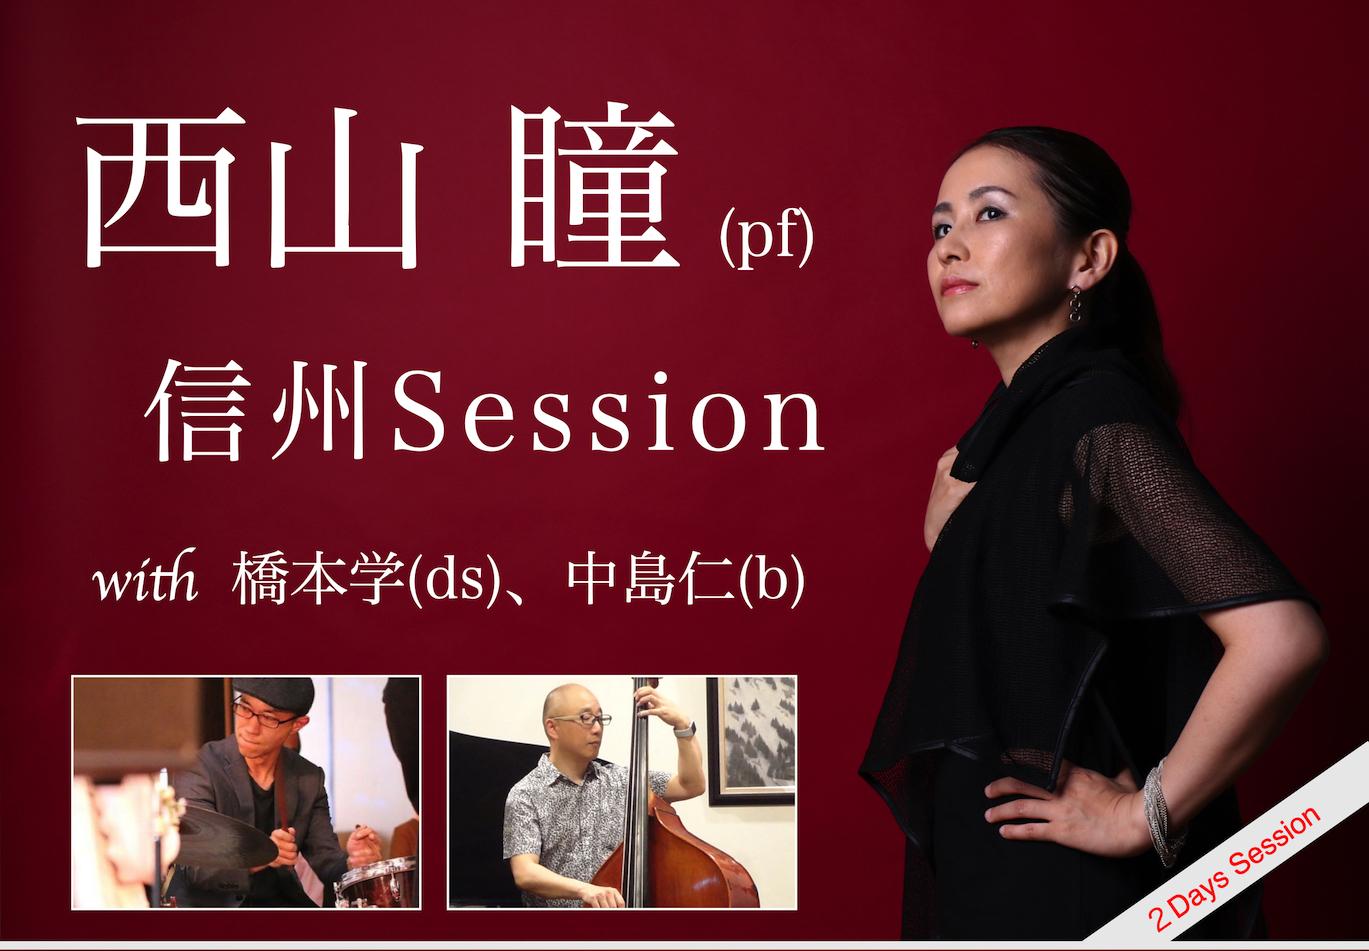 西山瞳さん(pf)とのSession Live 2Days、やります!